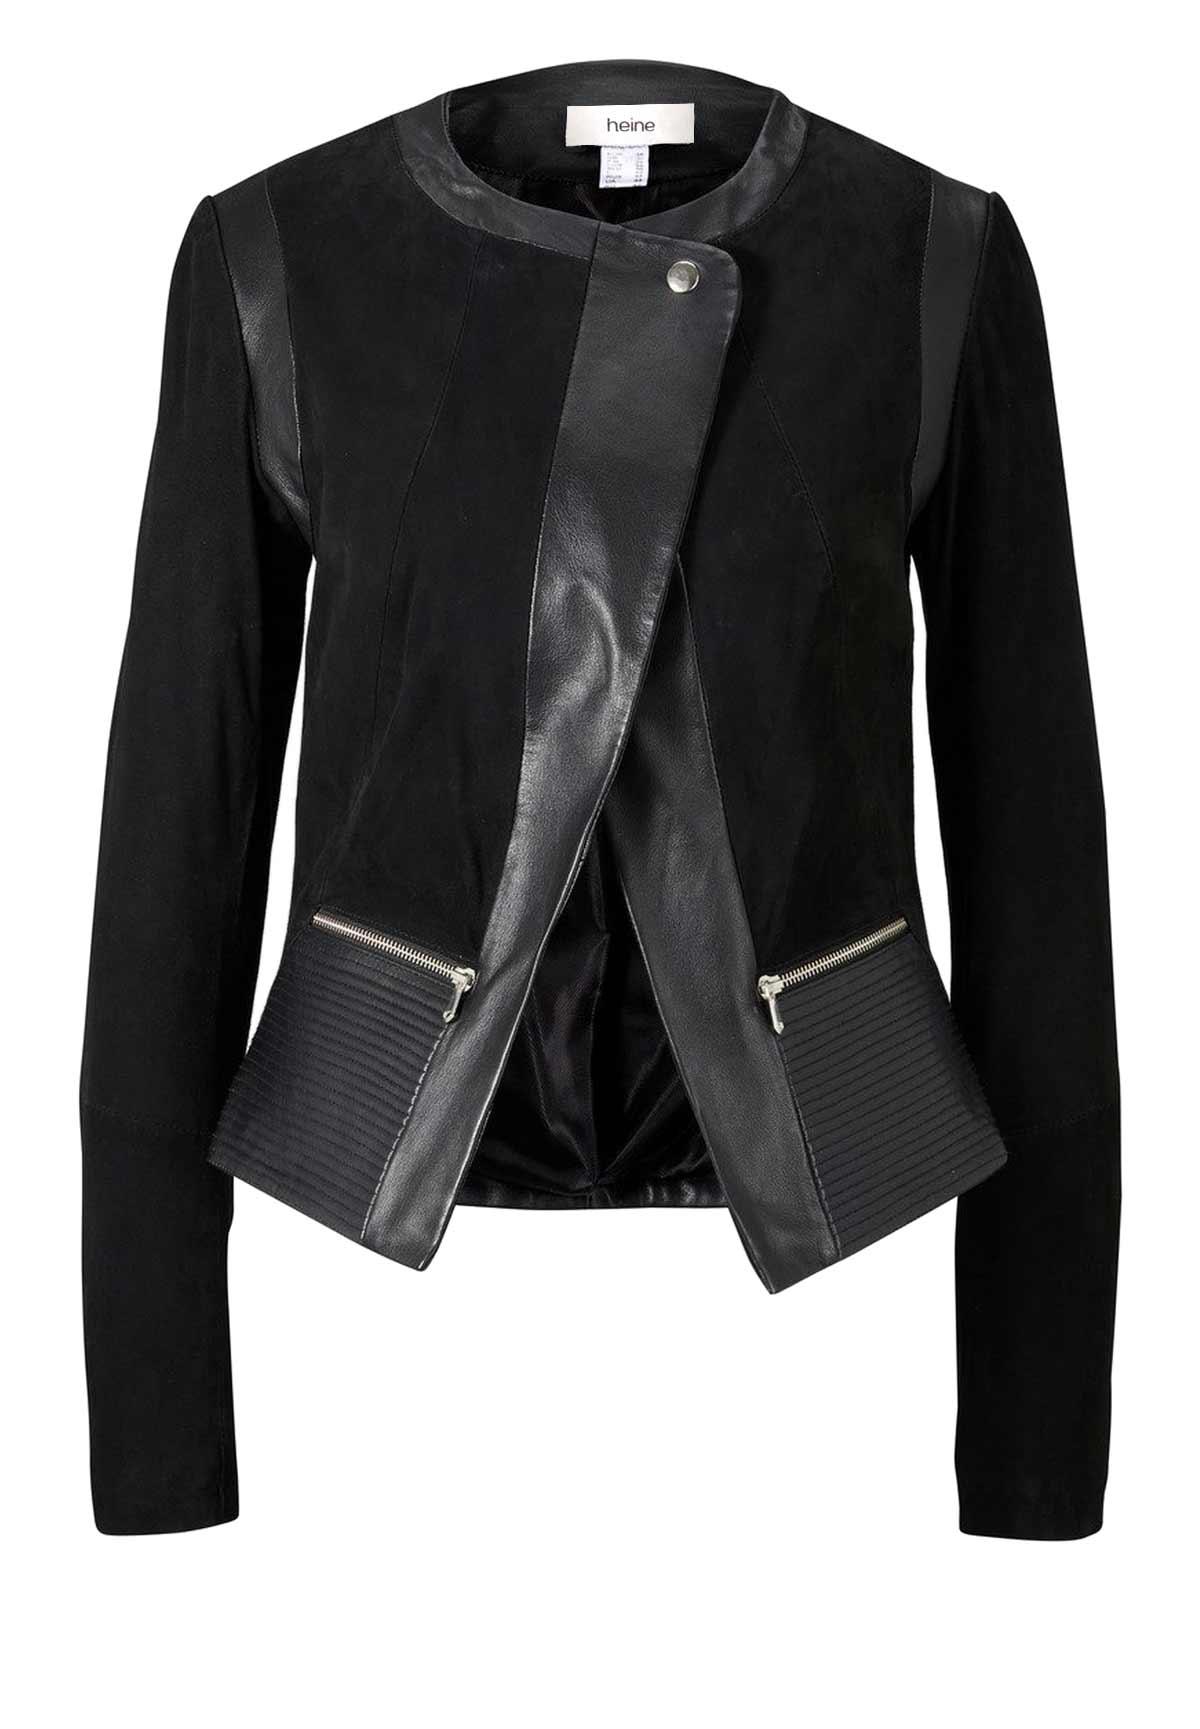 jacken auf rechnung bestellen als neukunde HEINE Damen Designer-Lammnappa-Ziegenvelourslederjacke Schwarz Lederjacke weich 566.392a MISSFORTY